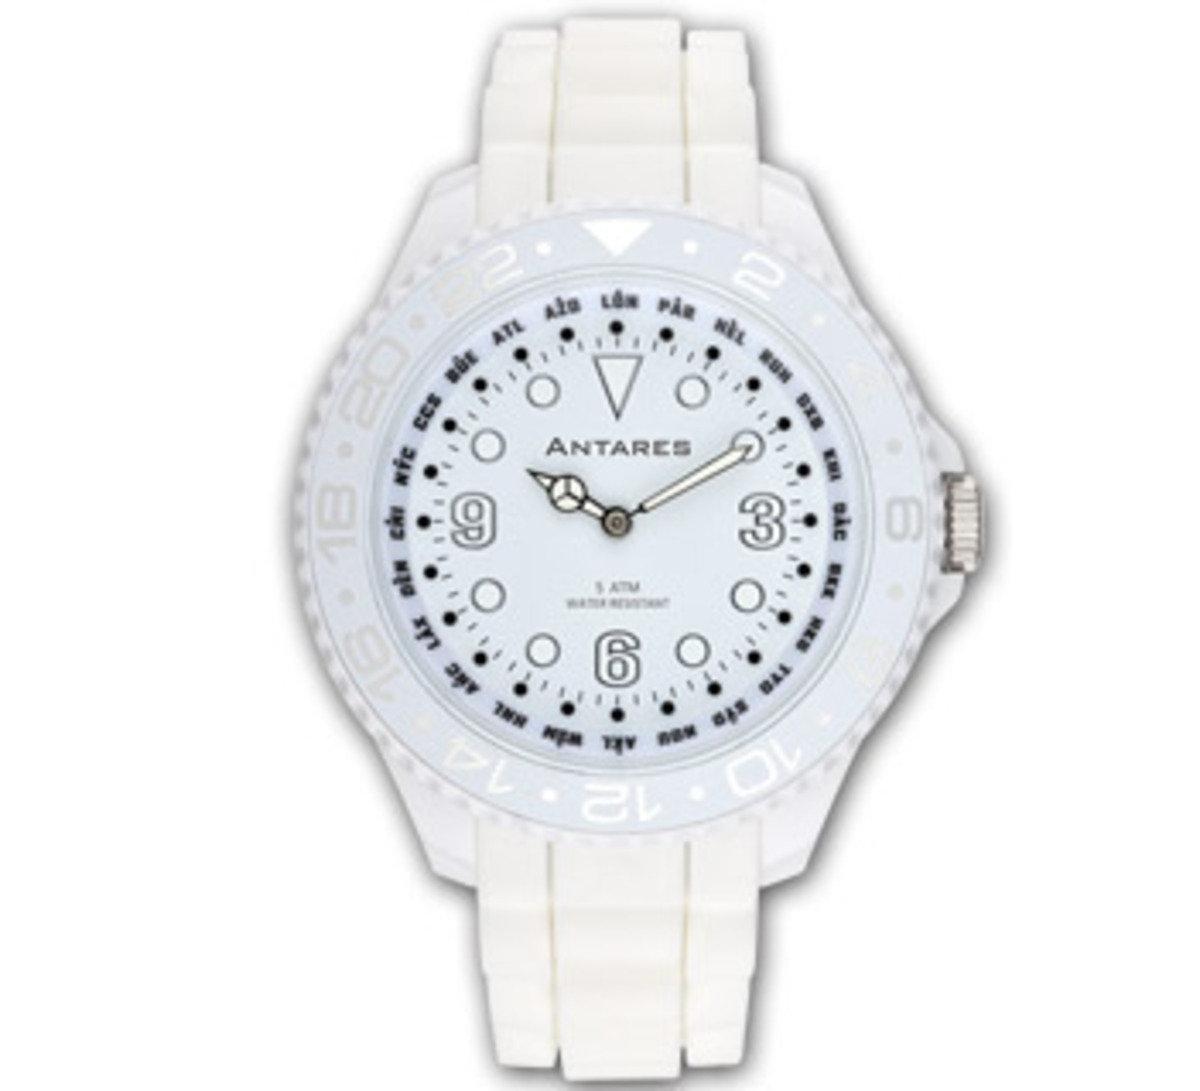 糖果色世界時間手錶 - 白